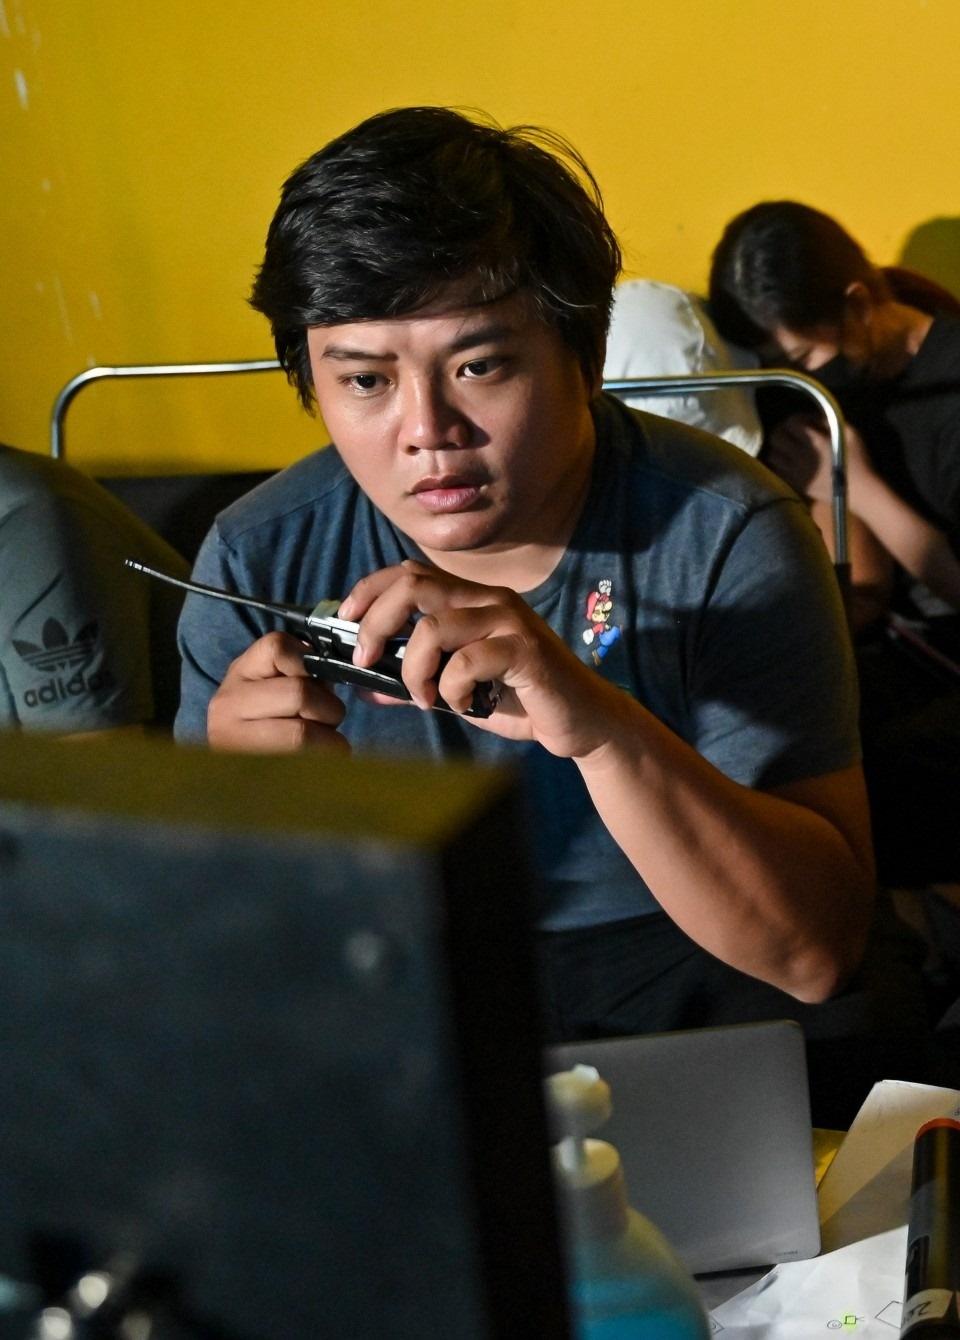 Jack bat tay Nguyen Quang Dung: Sang suot hay bat hop ly? hinh anh 4 Huy_Rom_1_.jpg